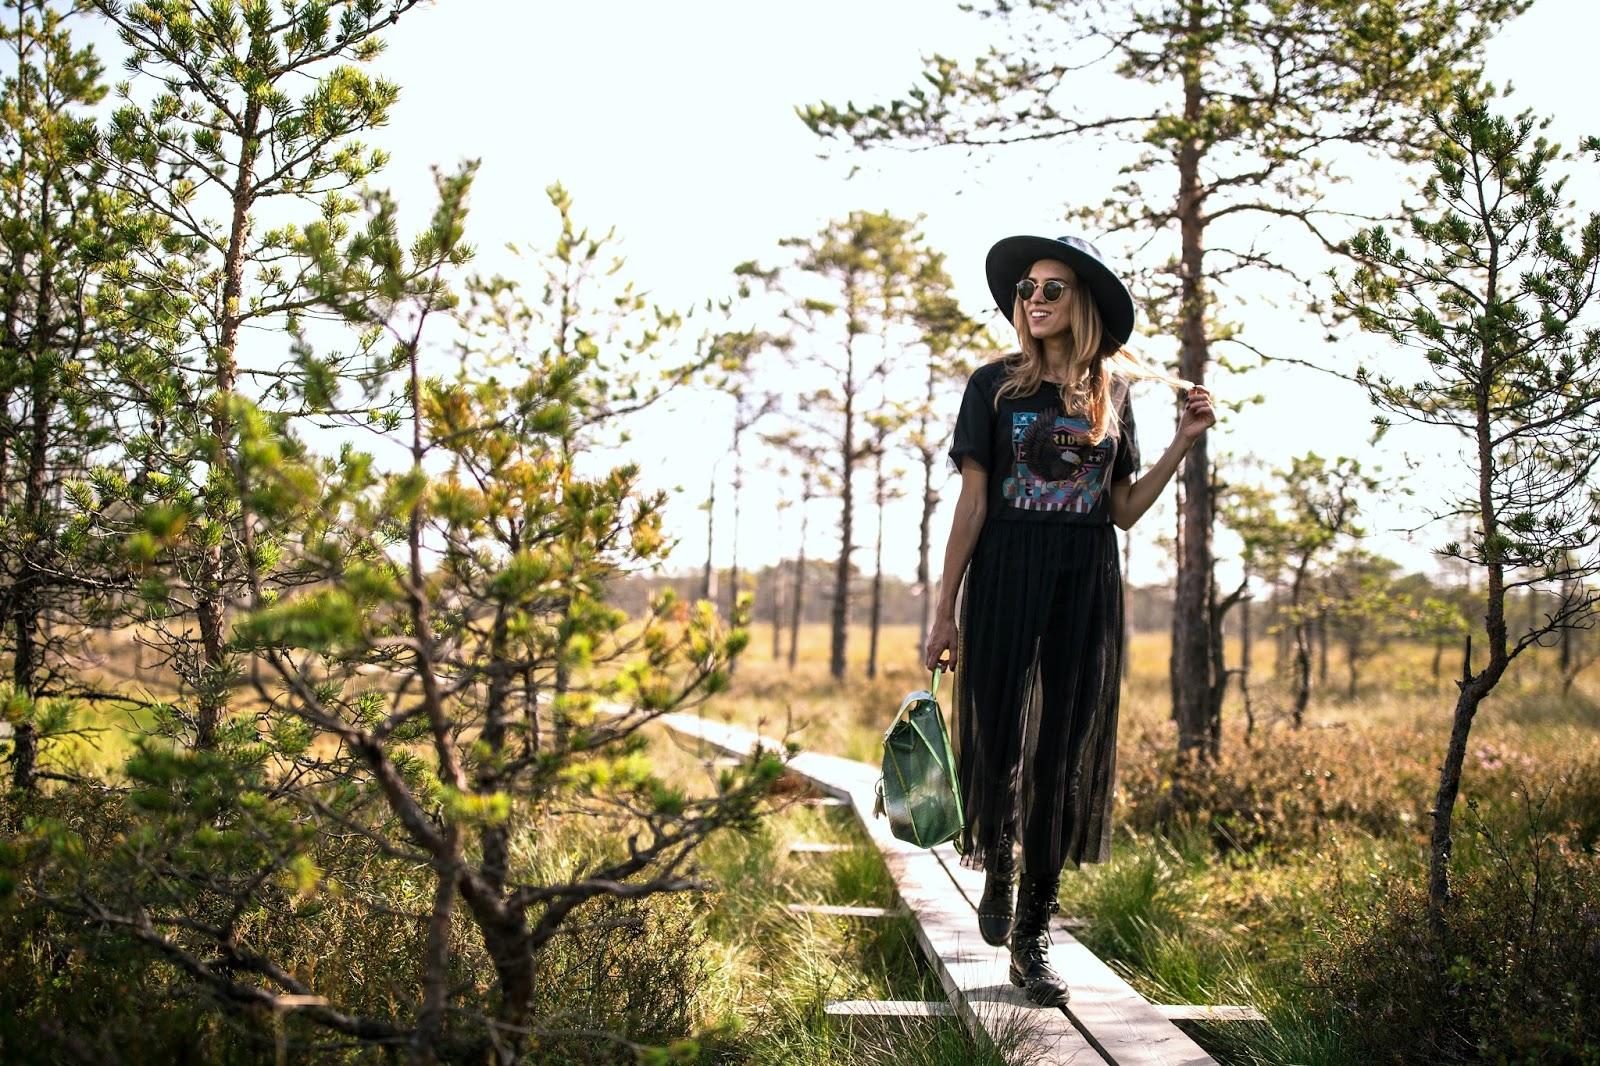 summer hike woods girl